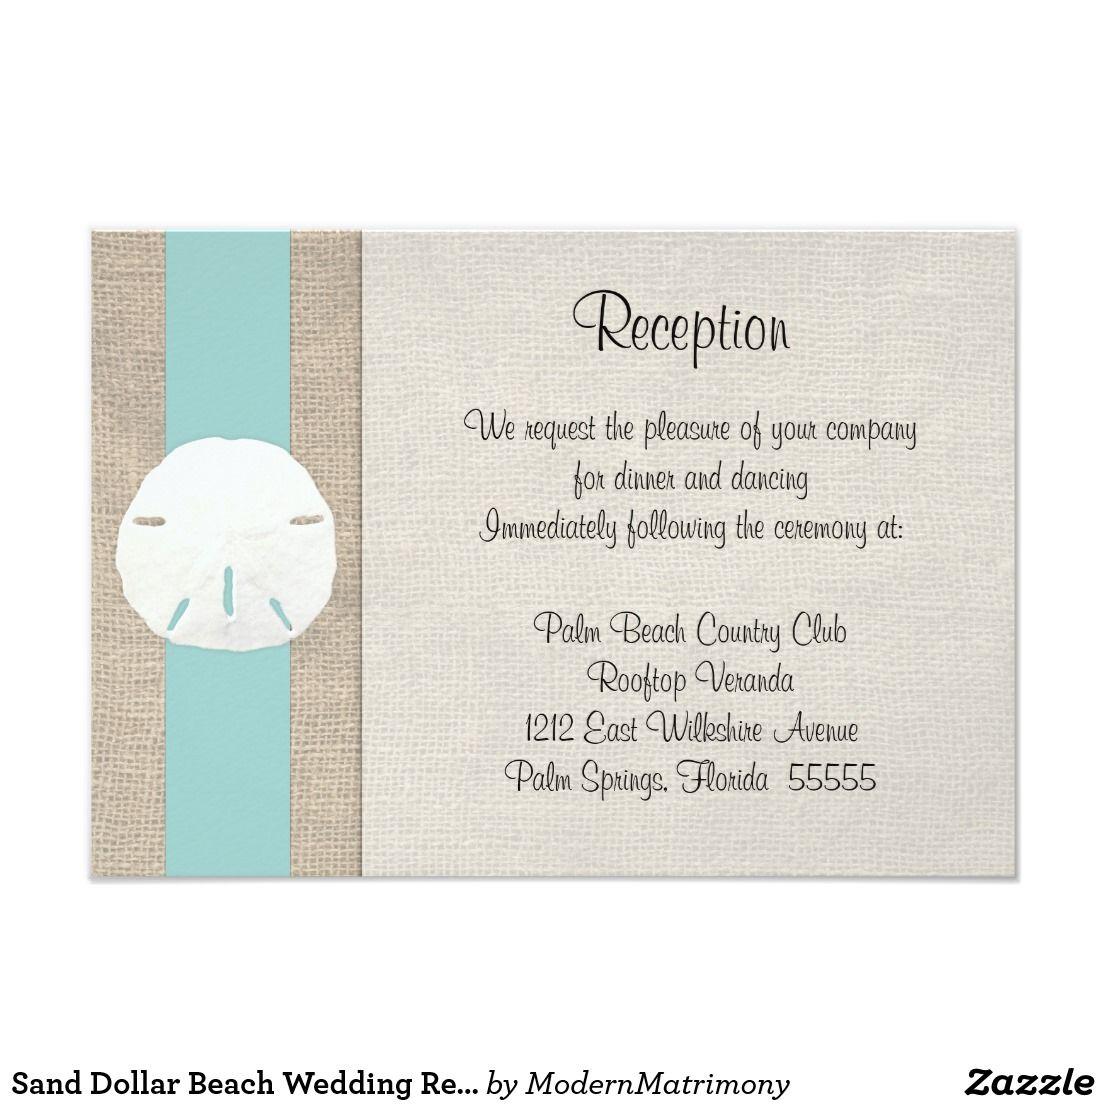 Sand Dollar Beach Wedding Reception Invitation Car | Beach Wedding ...